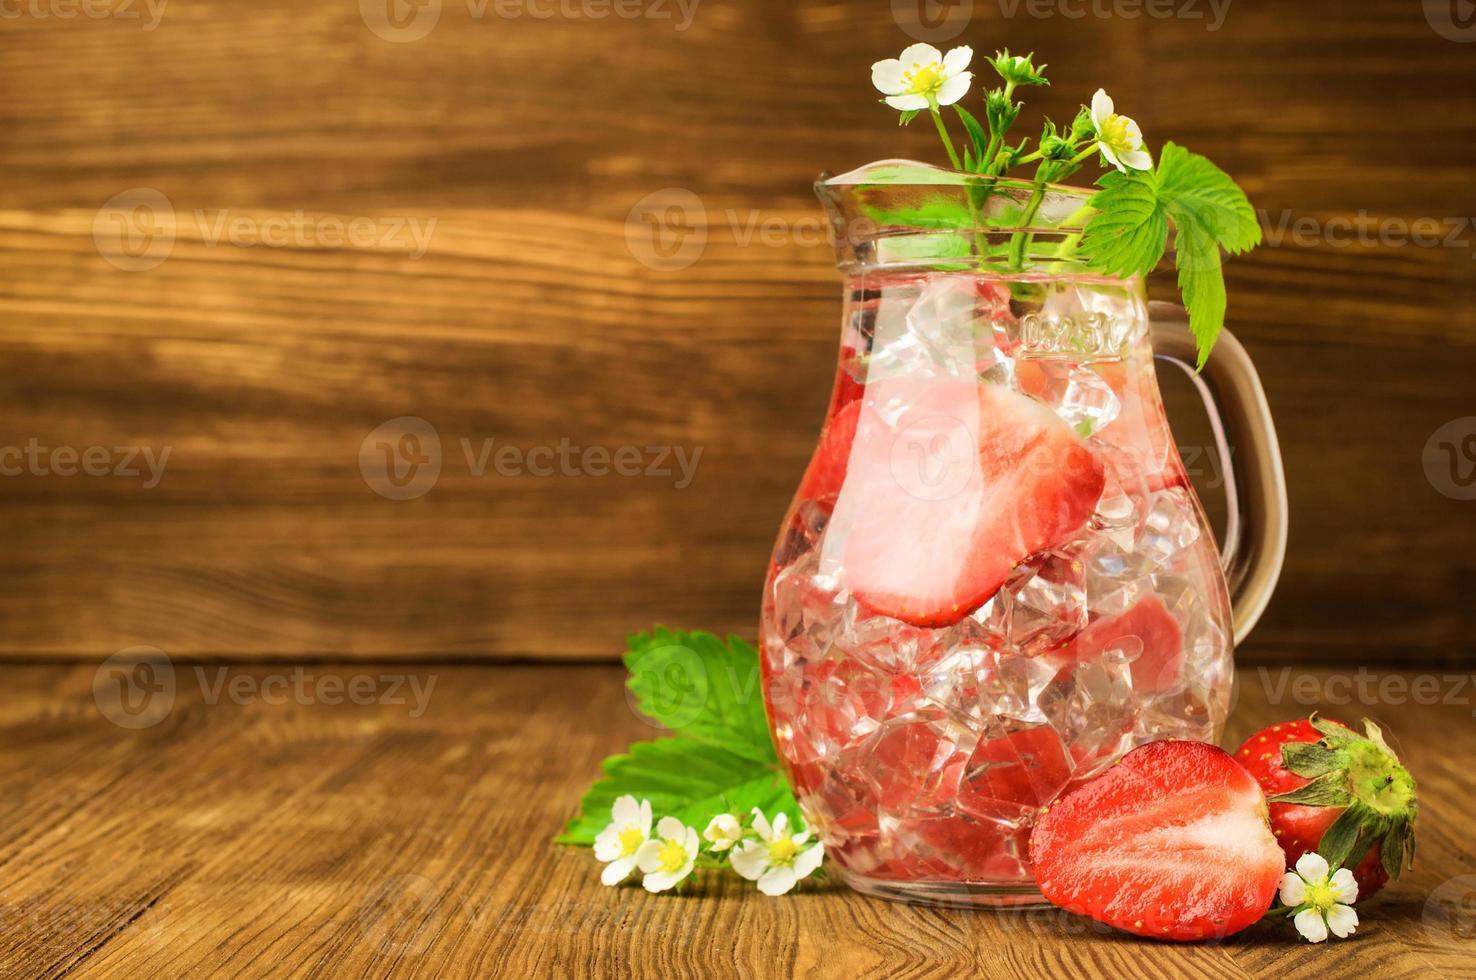 uppfriskande drink med en jordgubbe foto